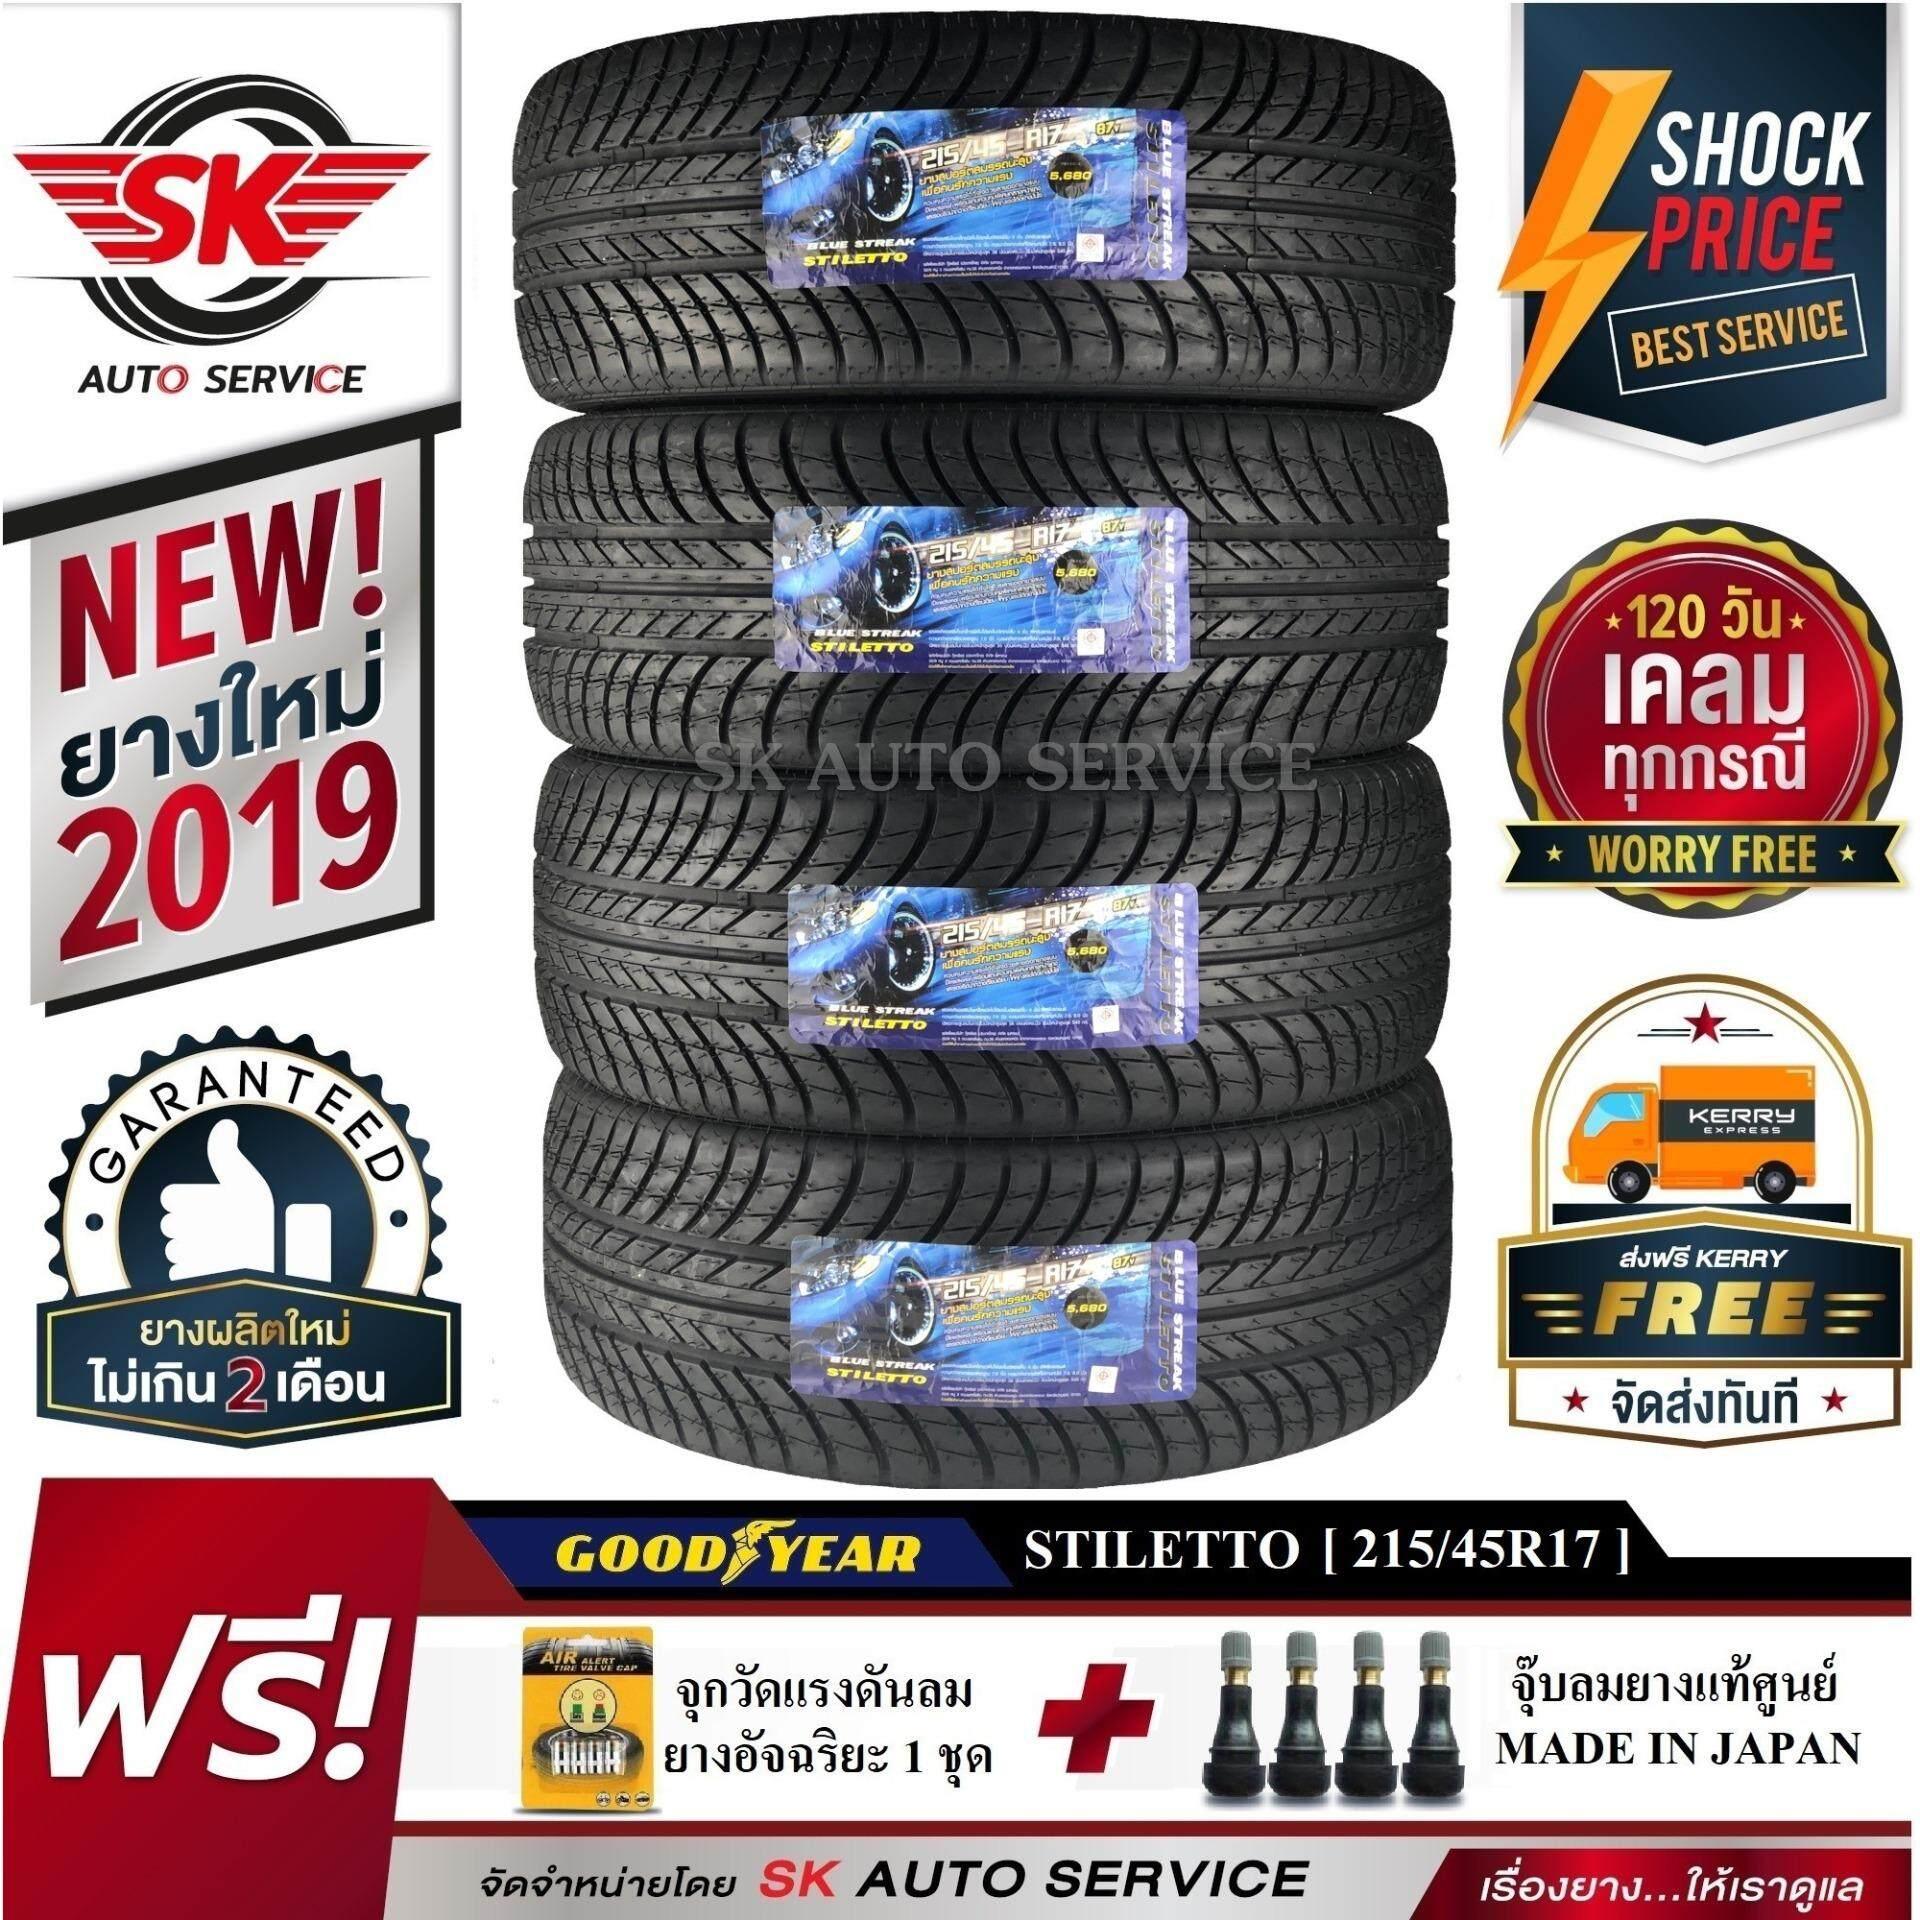 ประกันภัย รถยนต์ แบบ ผ่อน ได้ ตาก GOODYEAR ยางรถยนต์ (ล้อขอบ17) 215/45R17 รุ่น Blue Streak Stiletto 4 เส้น (ยางใหม่กริ๊ปปี 2019)